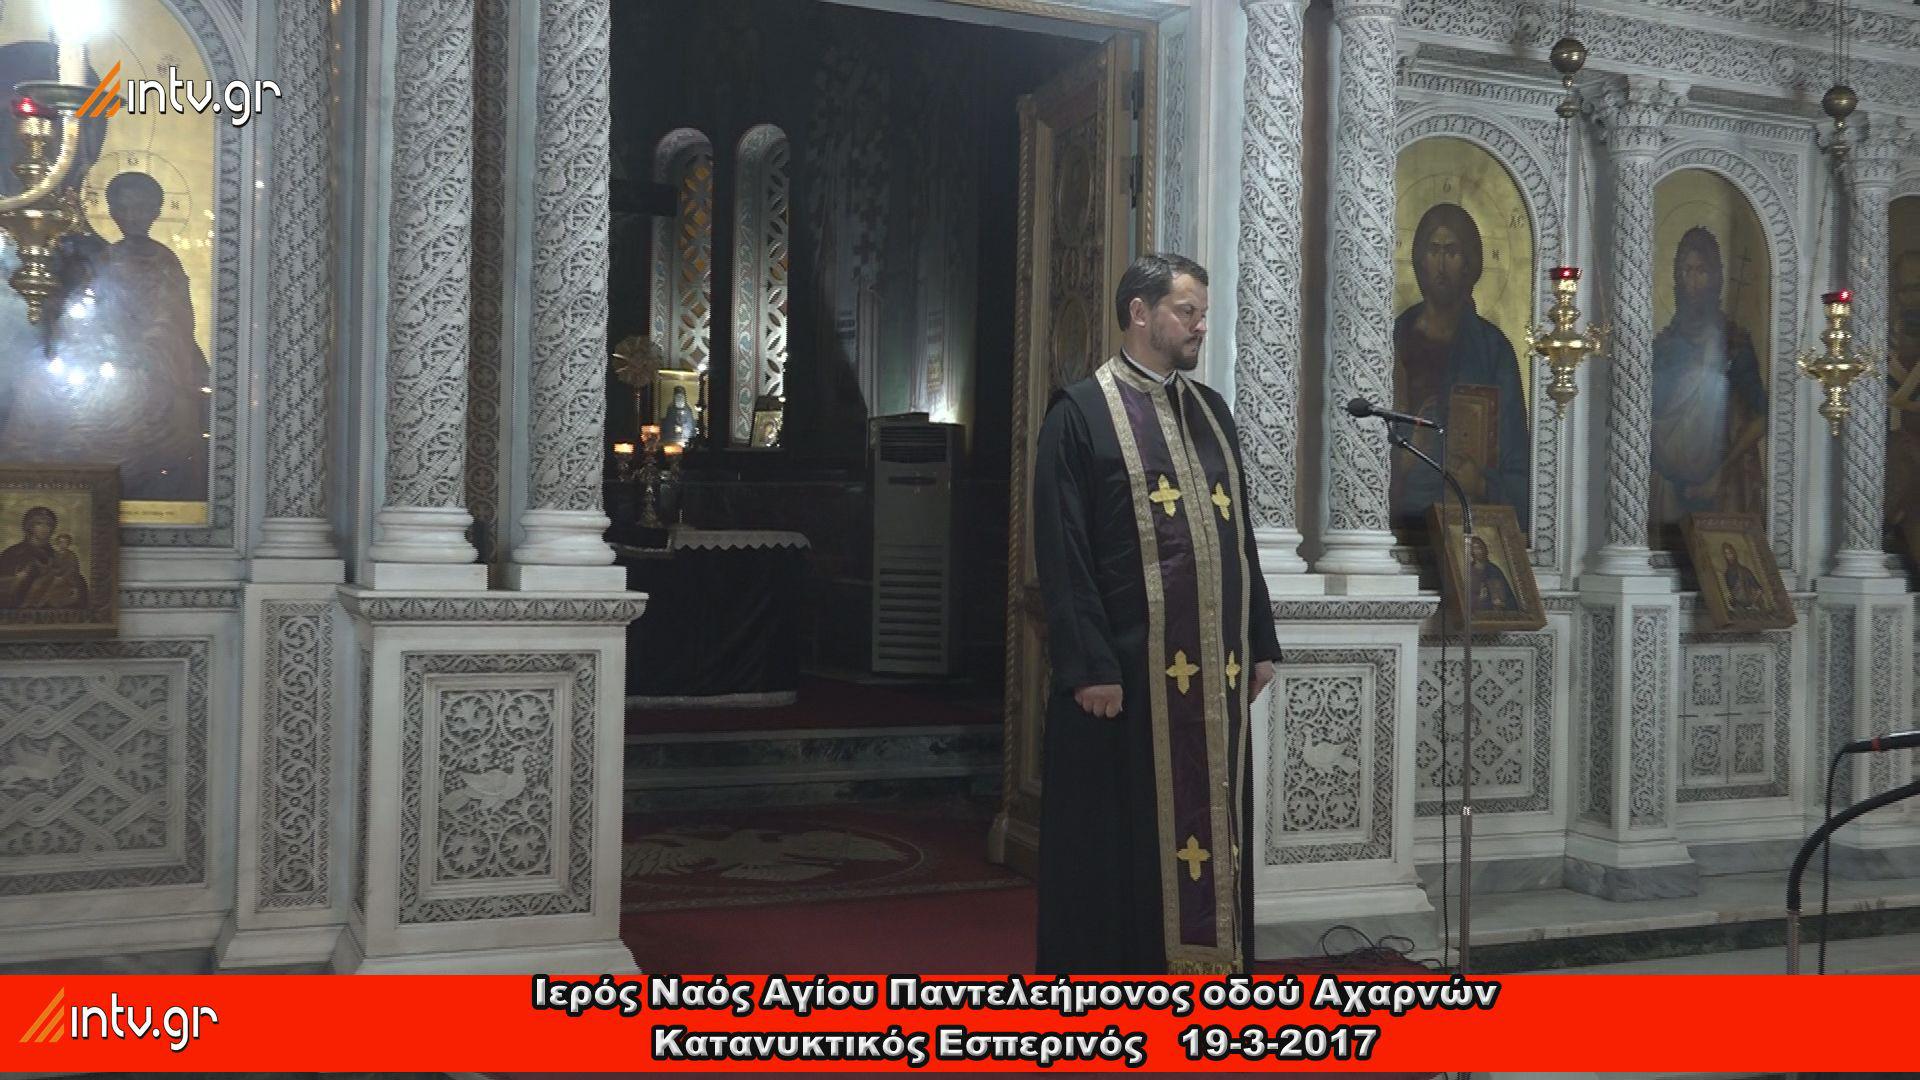 Ιερός Ναός Αγίου Παντελεήμονος οδού Αχαρνών - Κατανυκτικός Εσπερινός